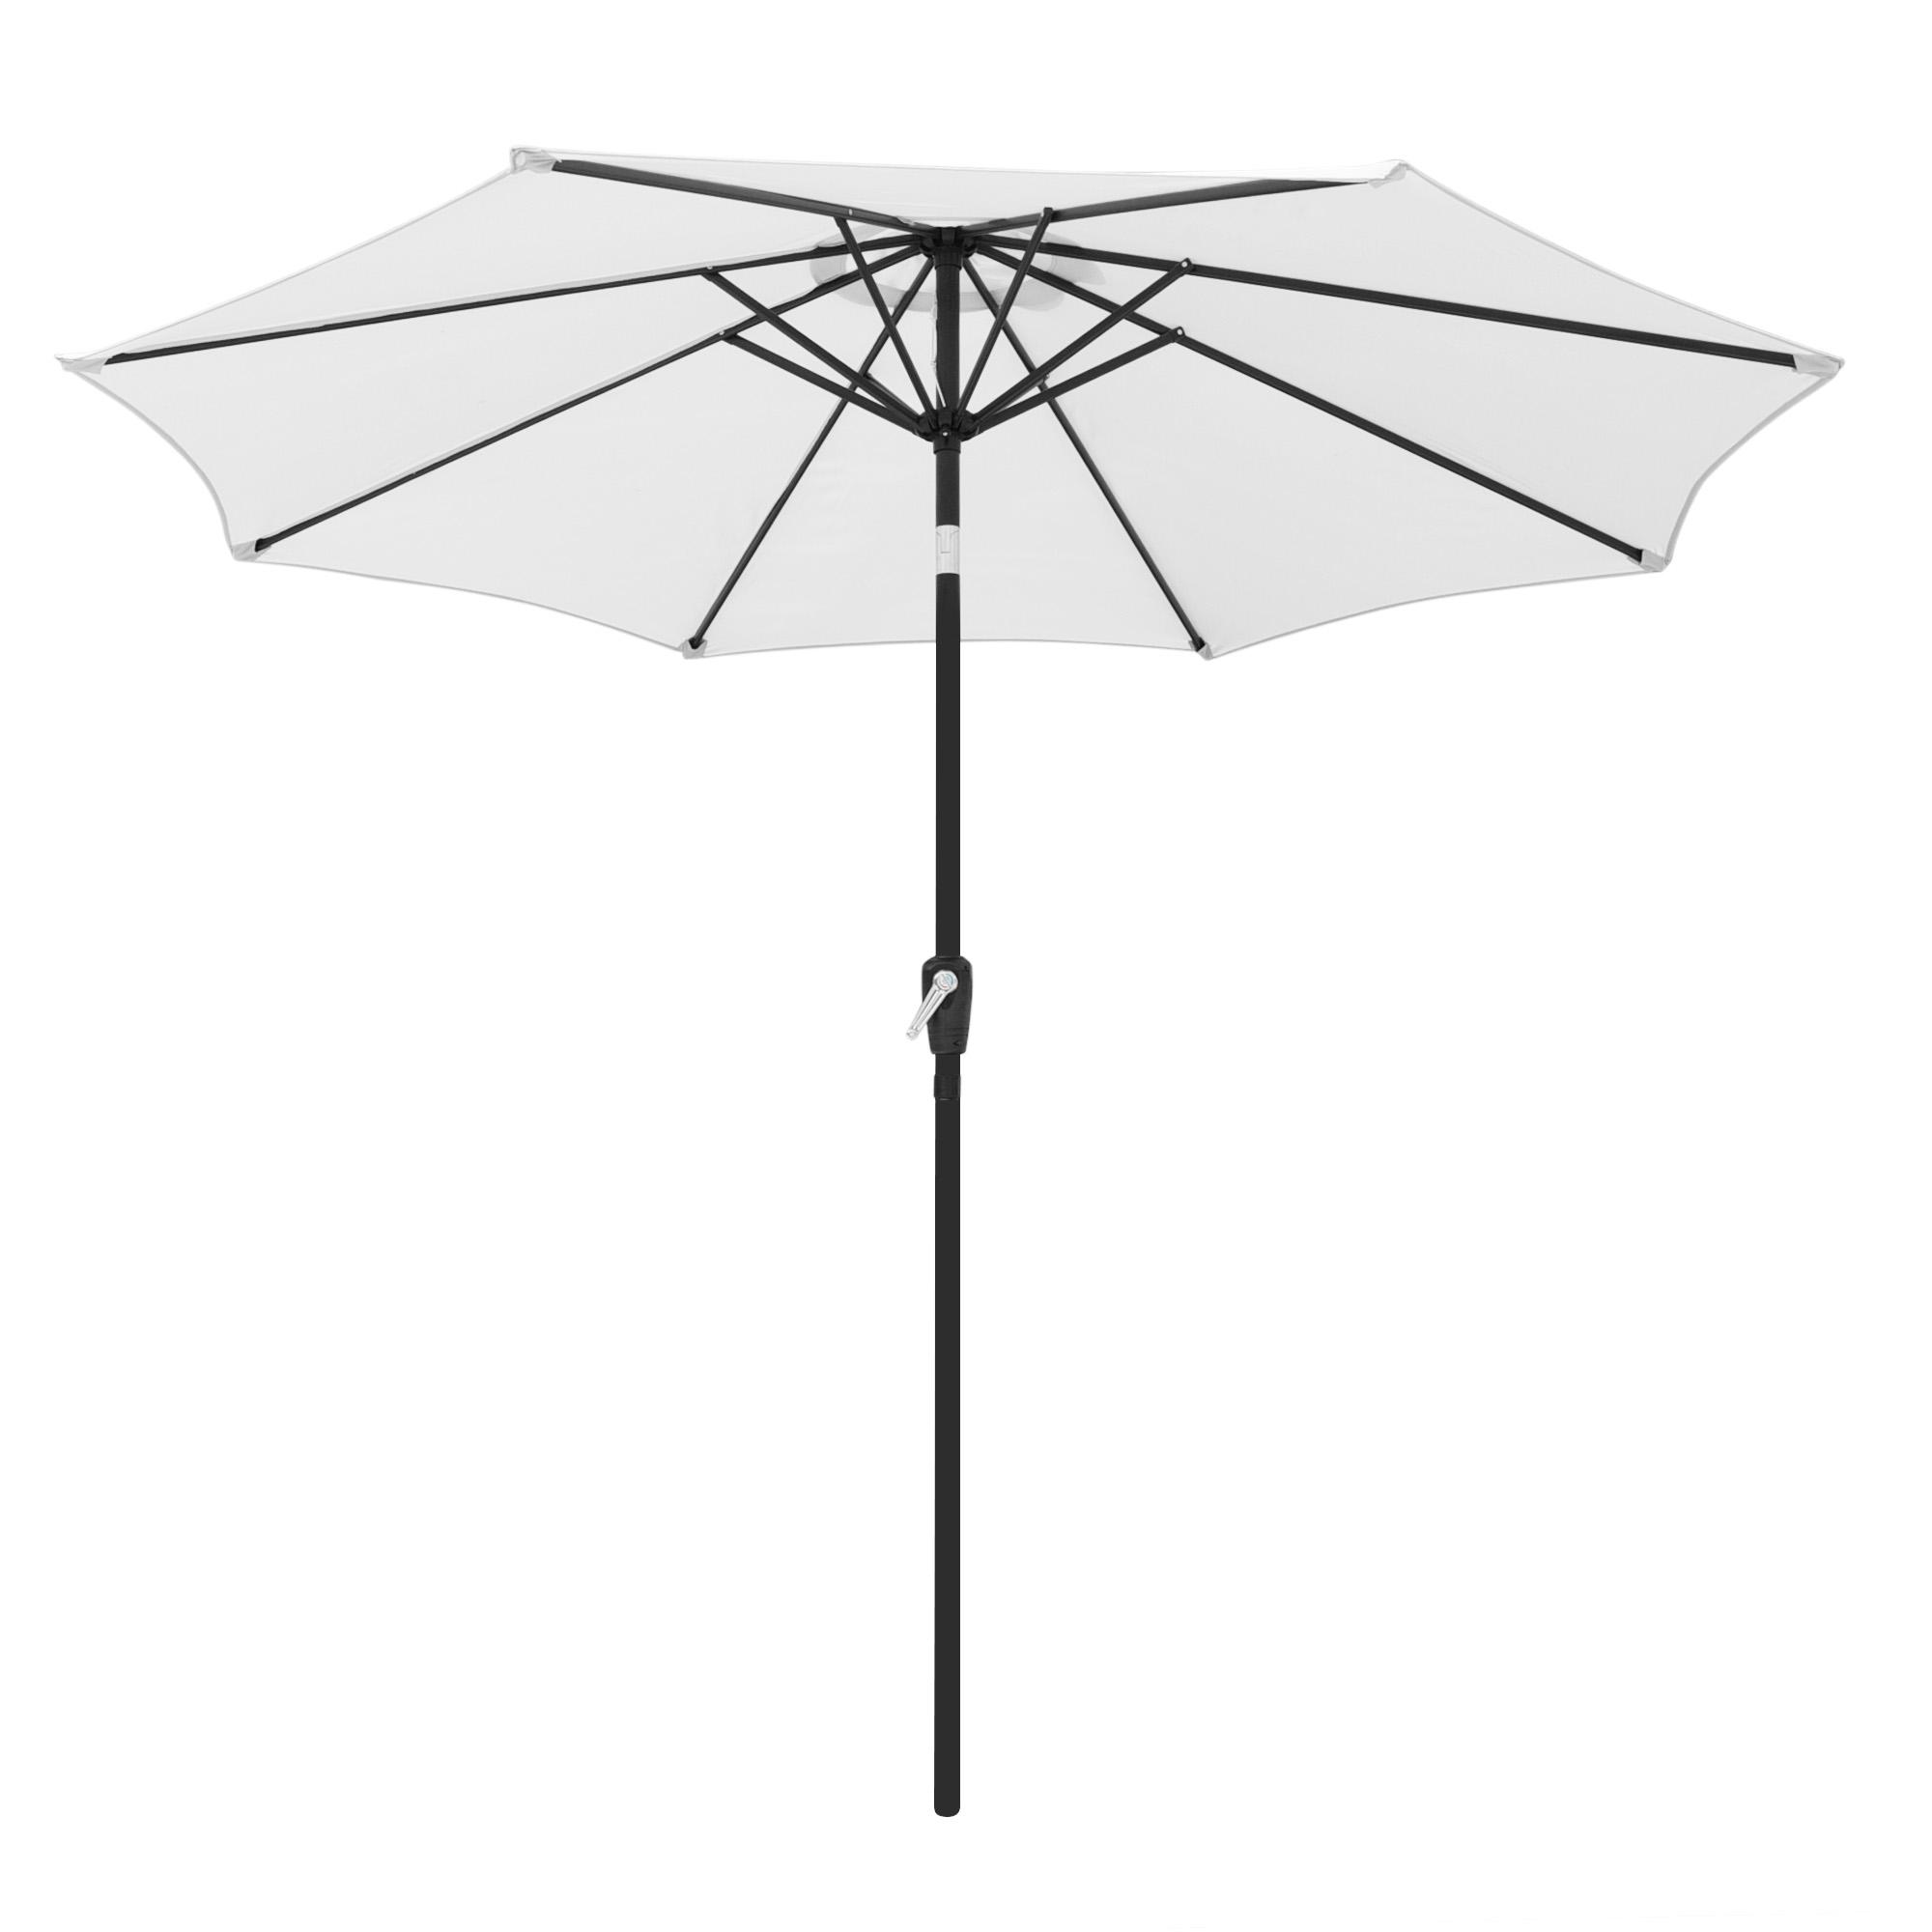 thumbnail 119 - 9' Outdoor Umbrella Patio 8 Ribs Market Garden Crank Tilt Beach Sunshade Parasol